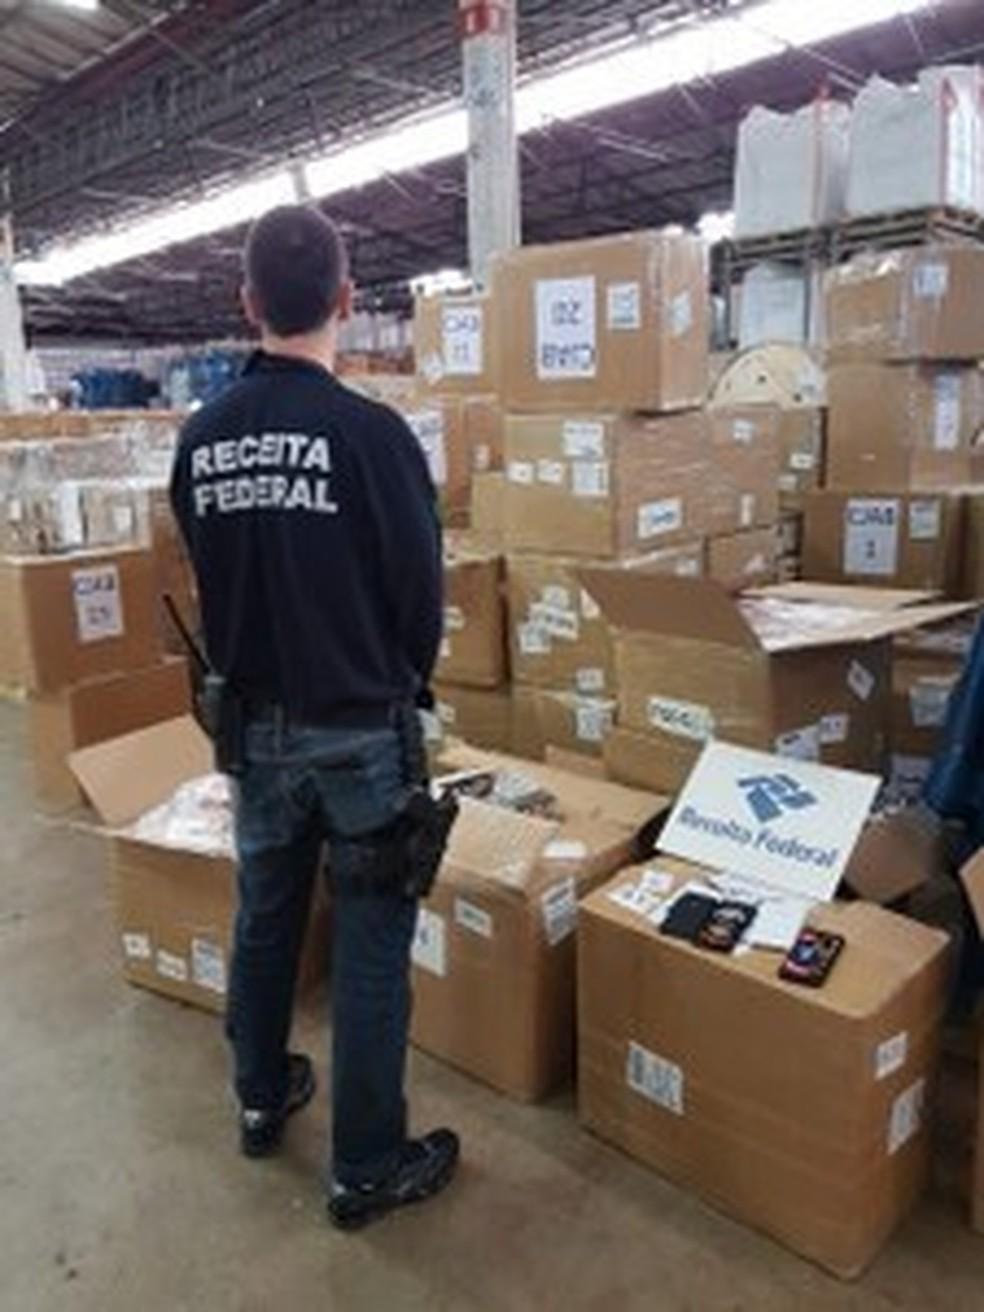 Receita Federal apreende carga avaliada em R$ 3 milhões em produtos falsificados em Jacareí (Foto: Receita Federal/ Divulgação)